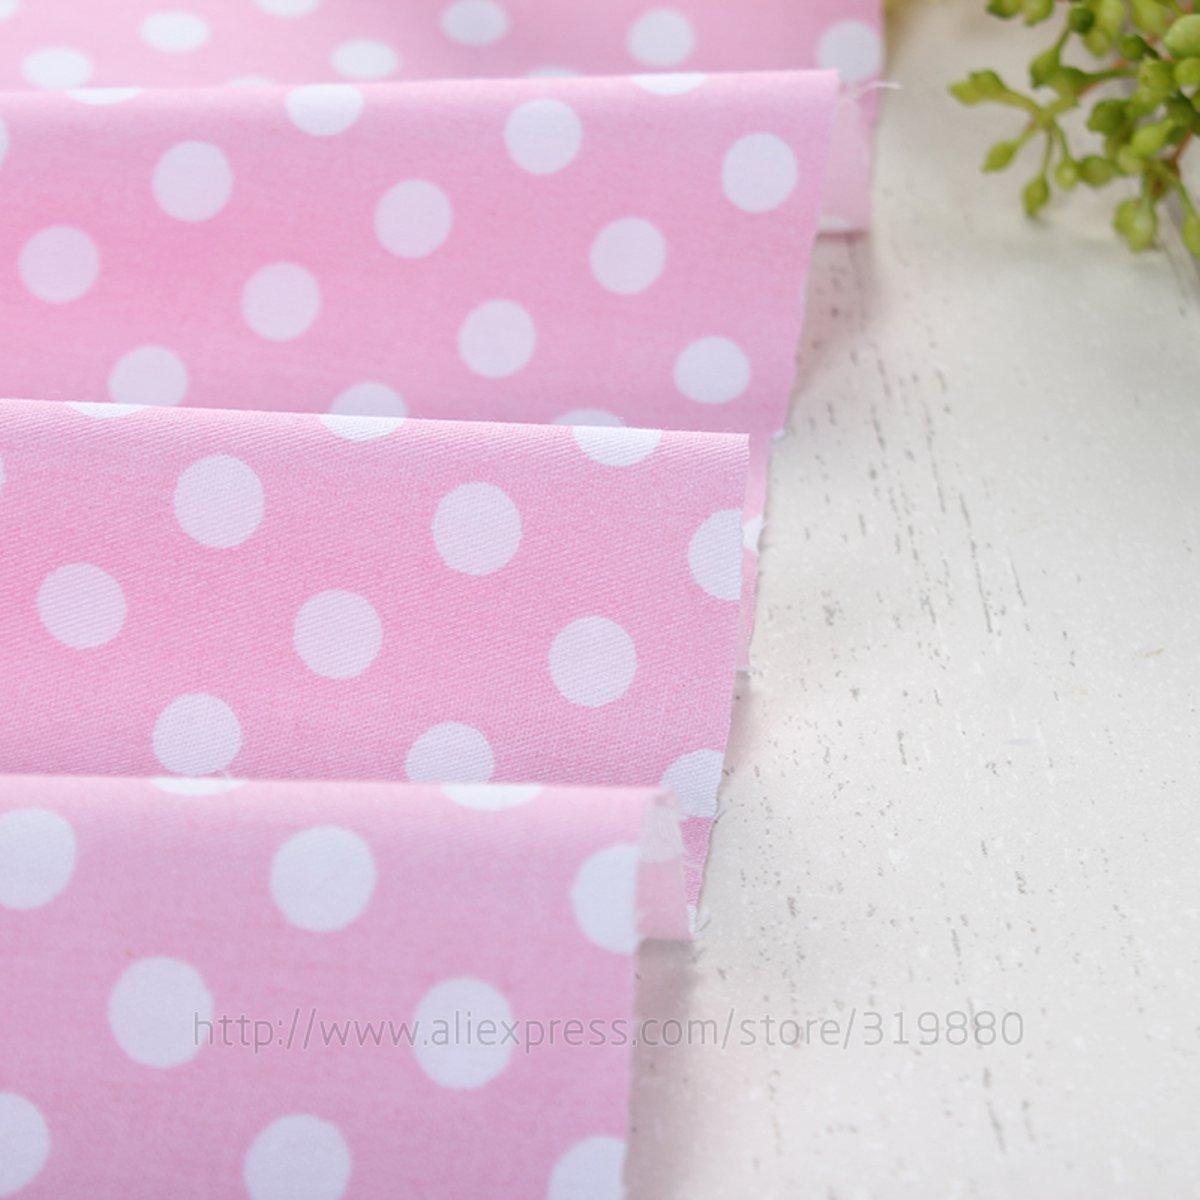 TACOLI - Tela de costura - Tela de edredón superior - 5 piezas de tela de tela de diente de león rosa y morado para coser tela de patchwork ropa de cama ...